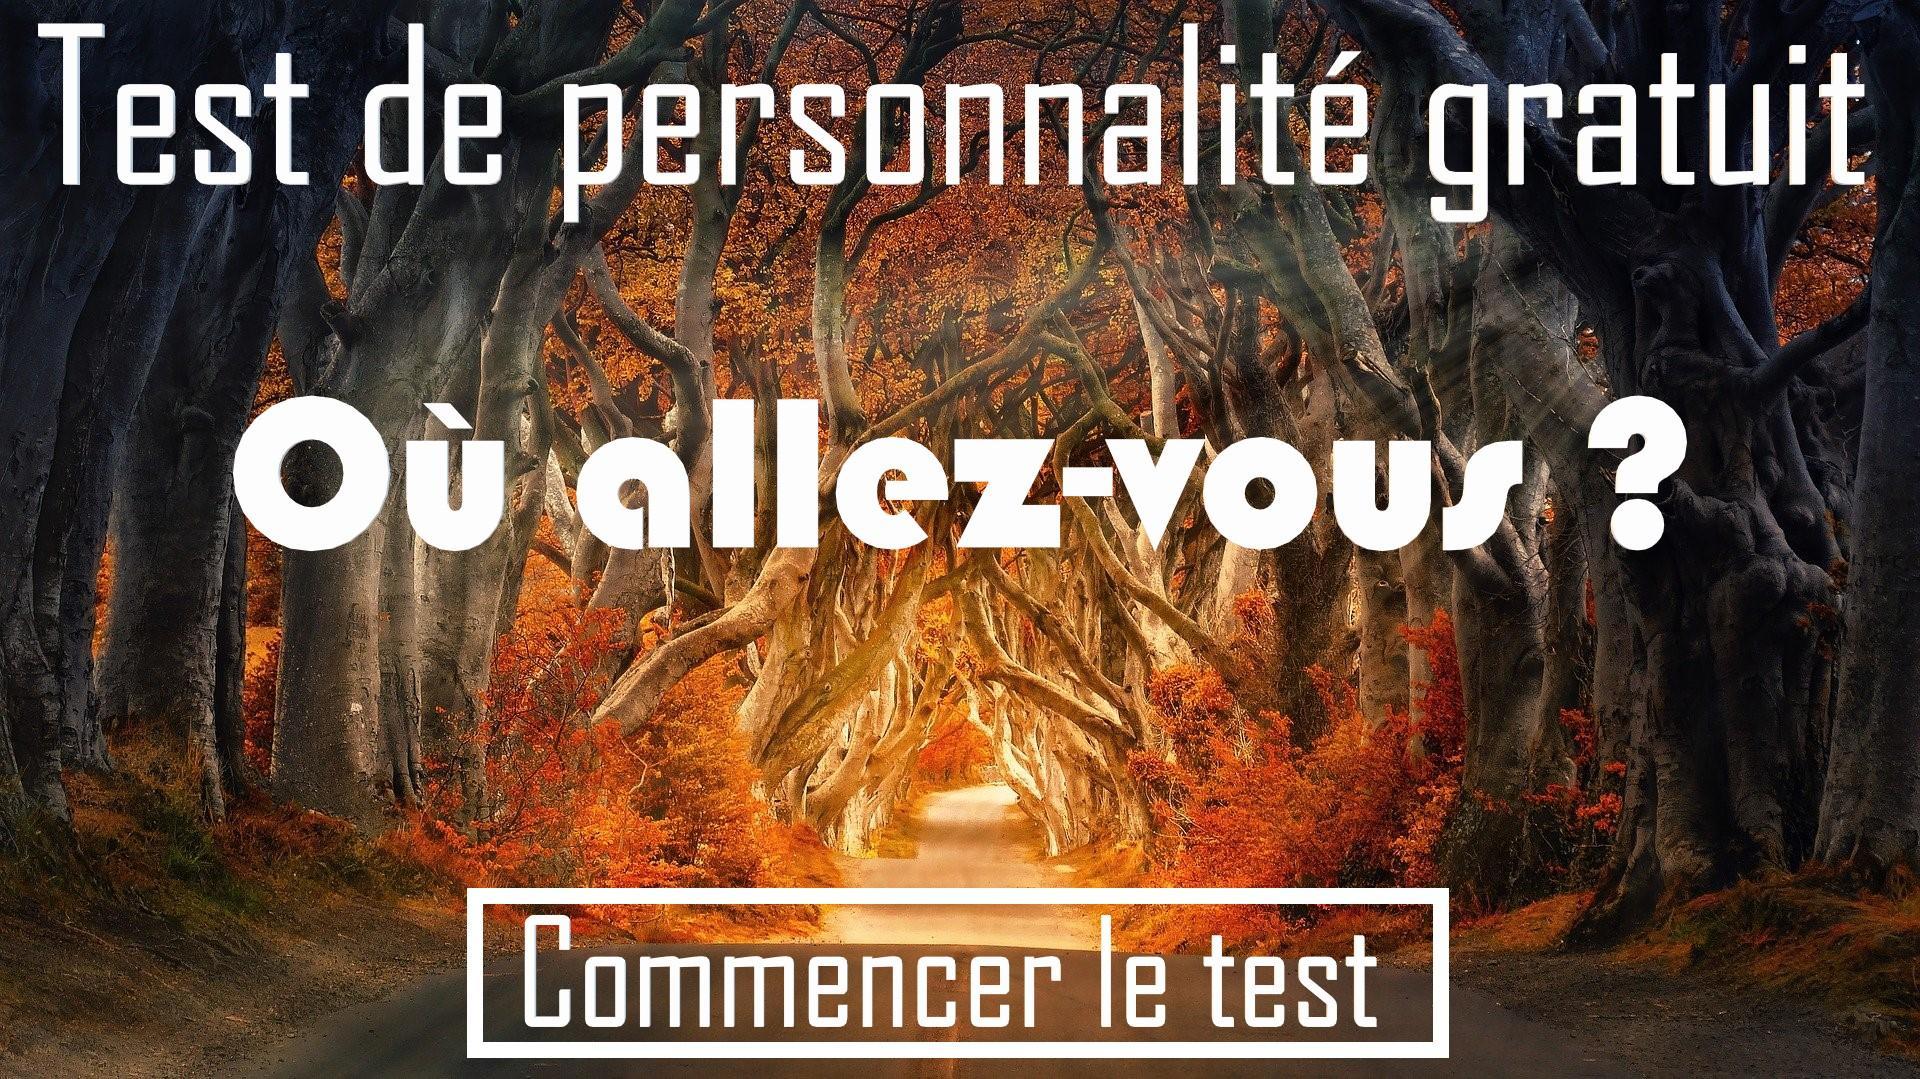 Test ou allez-vous?